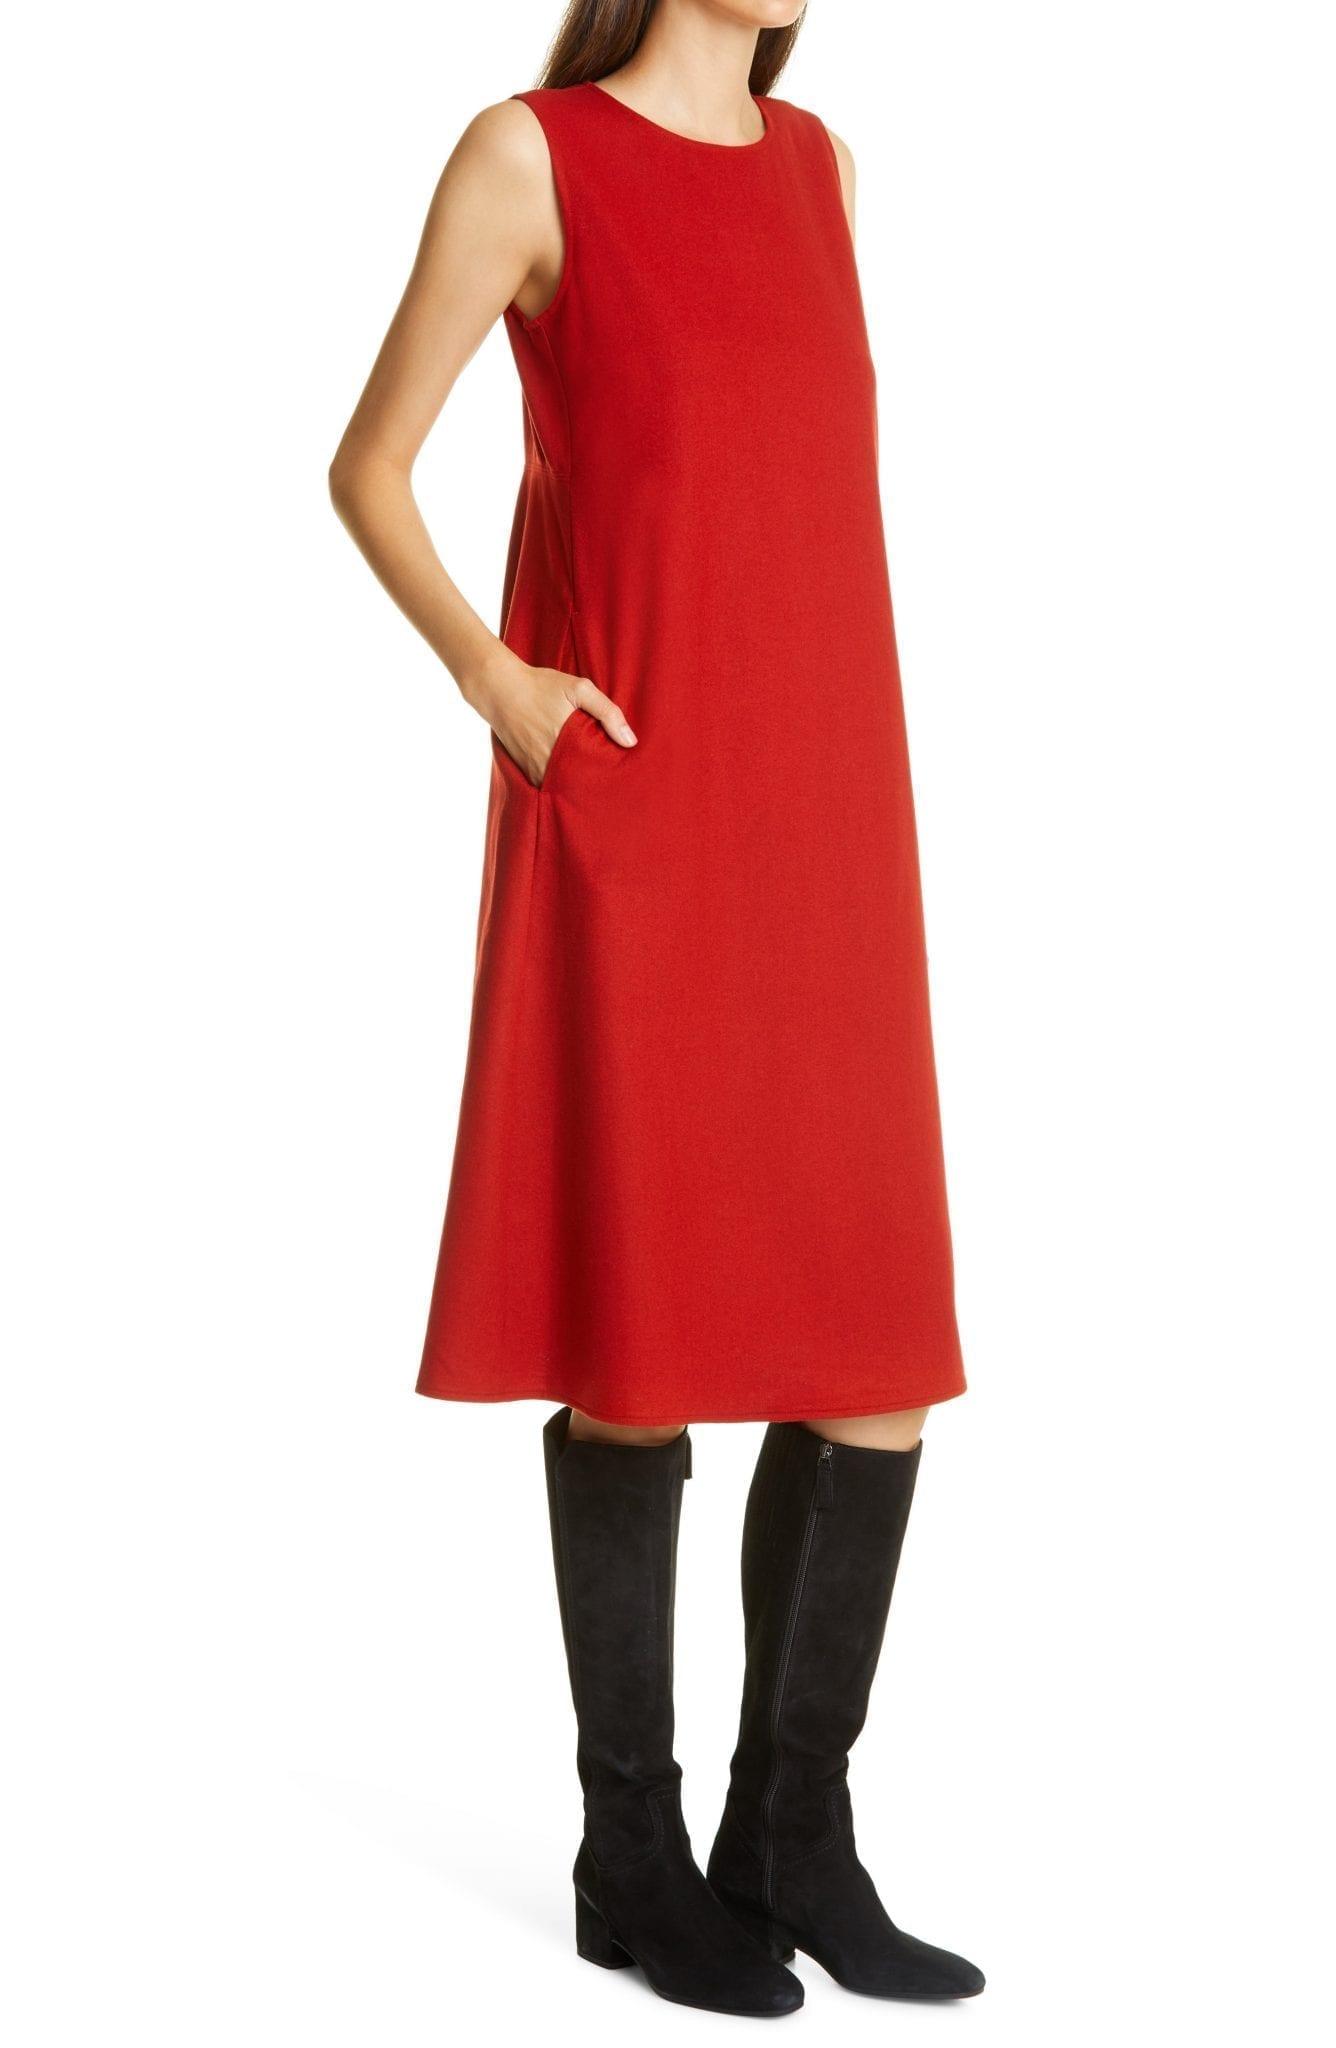 EILEEN FISHER Soft Wool Flannel Dress